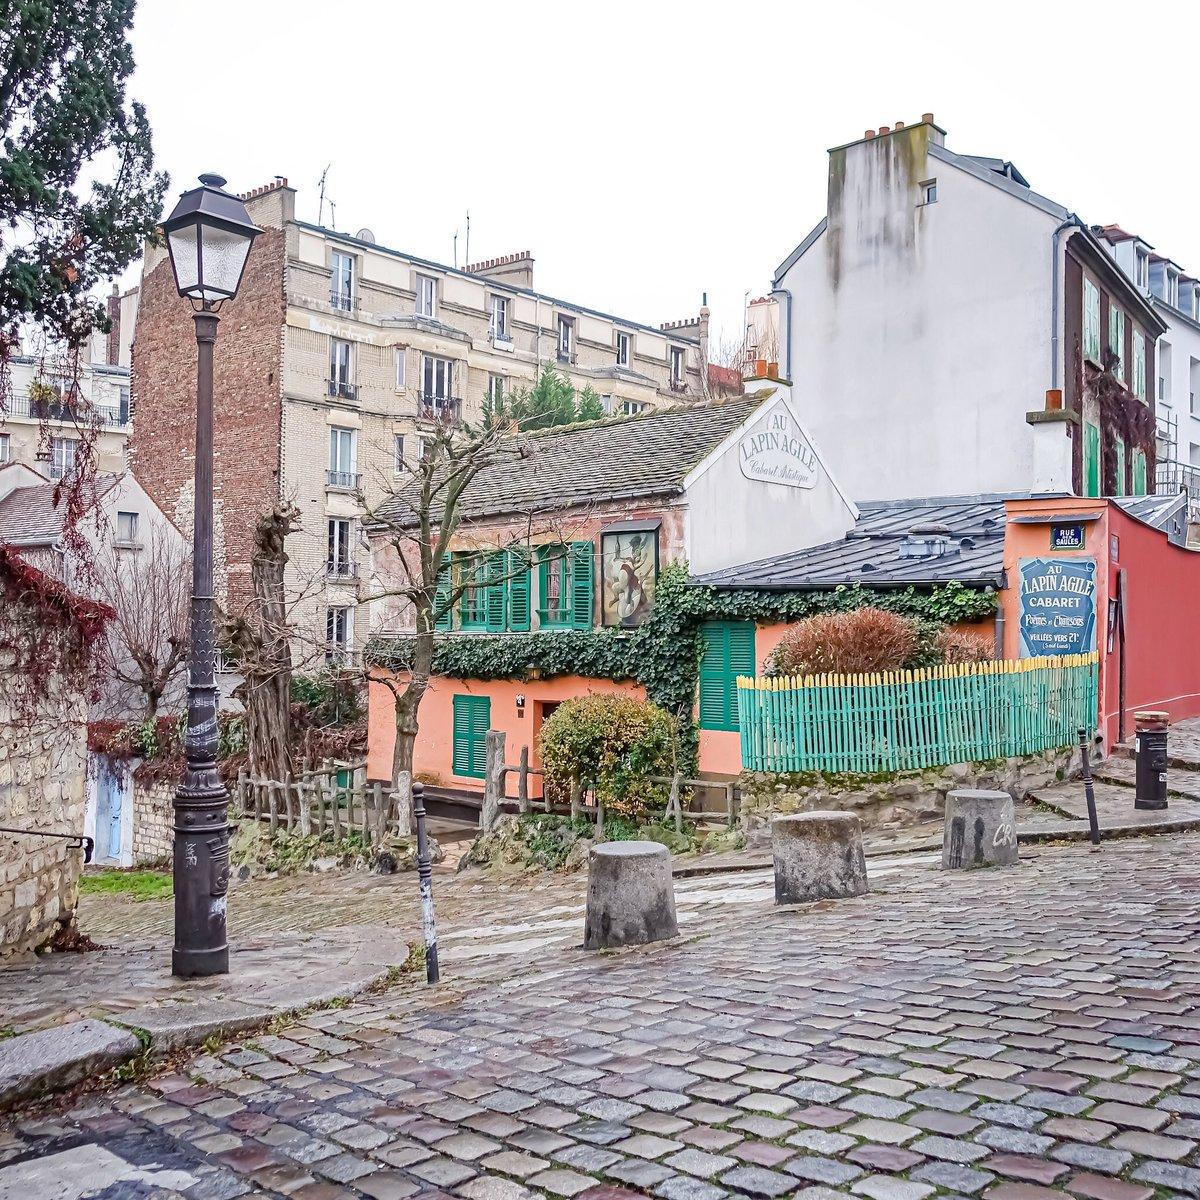 Petit matin gris à Montmartre, cabaret rose, l'iconique Lapin Agile, légende de la Butte - Paris 18  #parisladouce #paris #pariscartepostale #parisjetaime #cityguide #pariscityguide #paris18 #streetsofparis #thisisparis #parismaville #montmartre #lapinagile #ruedessaules